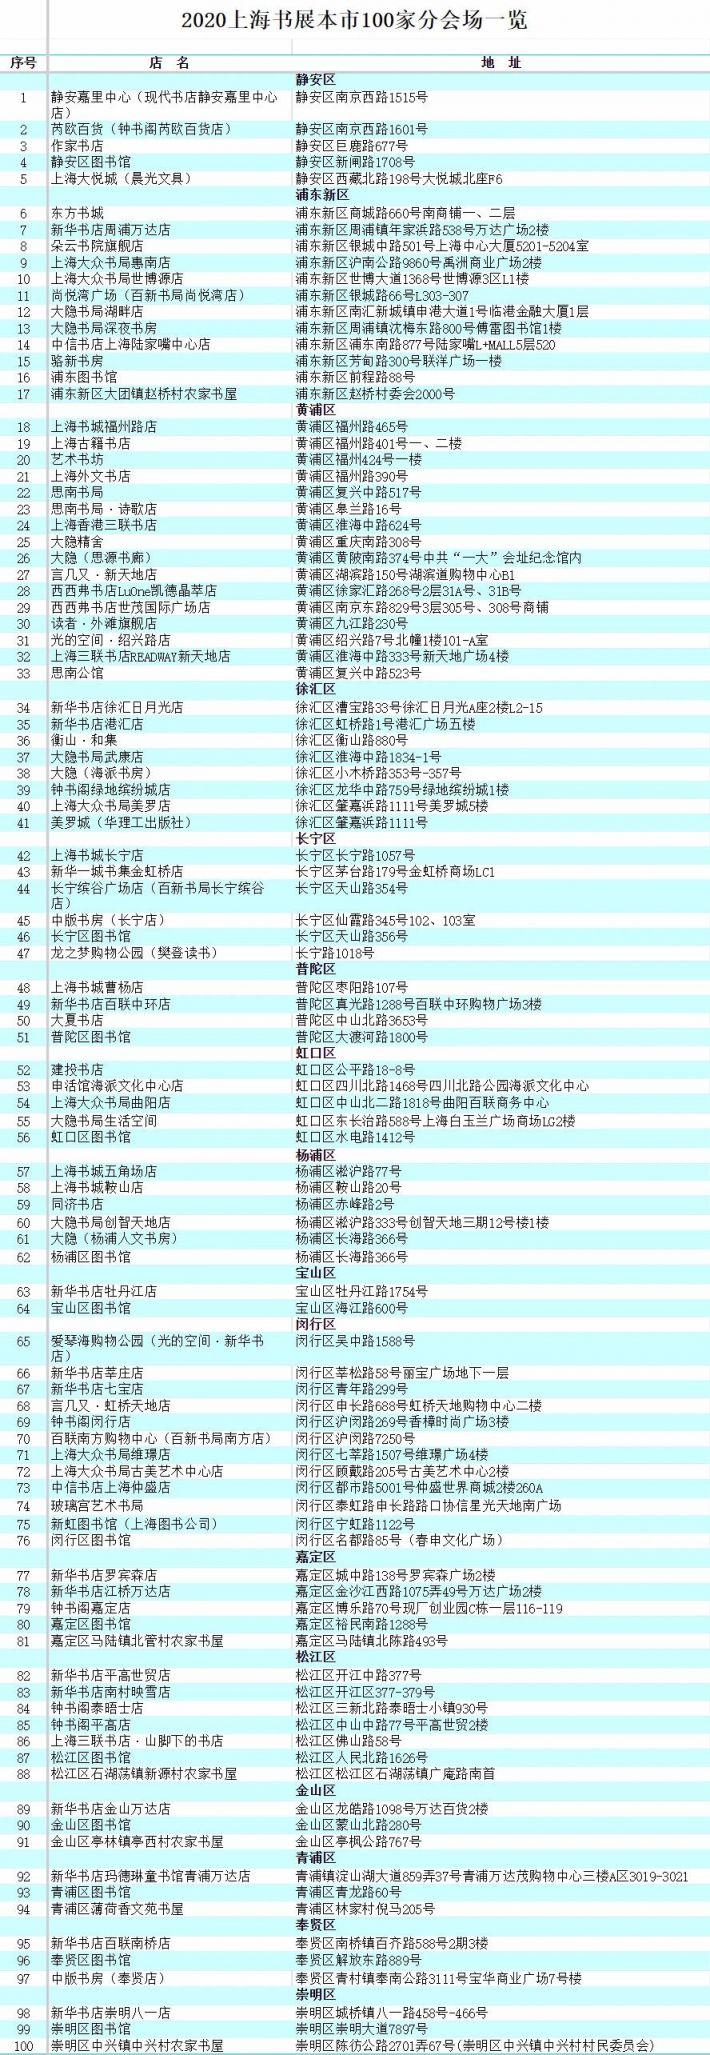 2020上海書展分會場一覽表 (100家 50家)